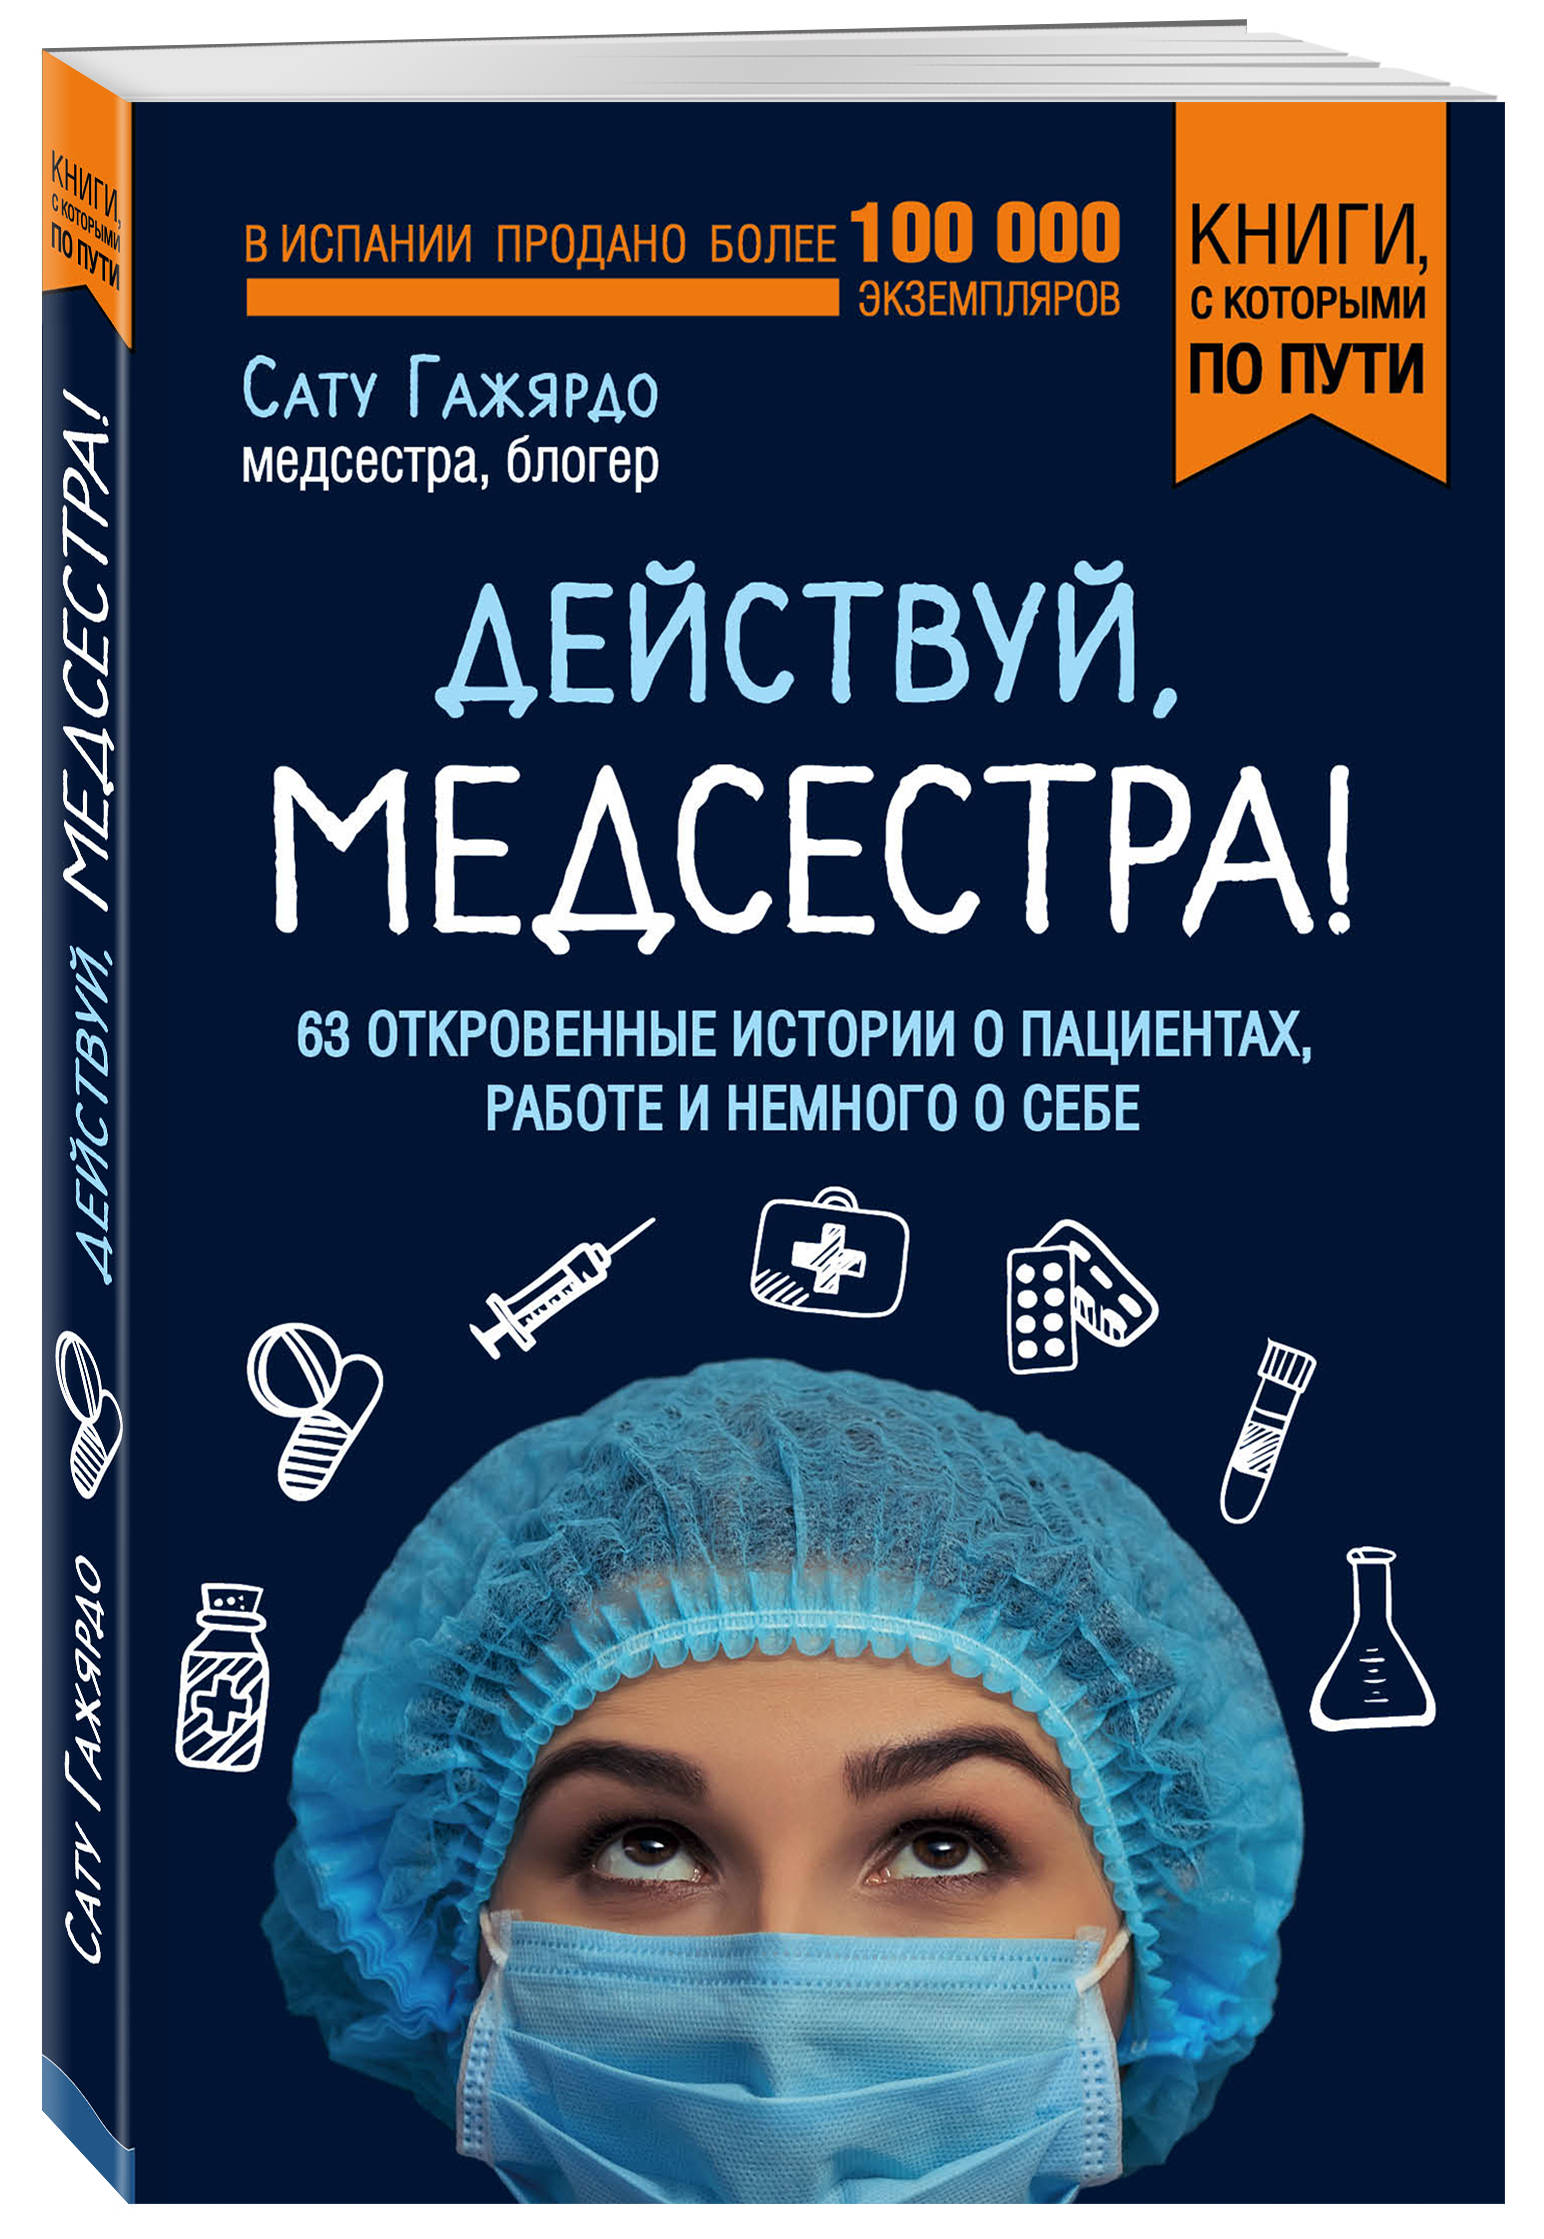 Действуй, медсестра! 63 откровенные истории о пациентах, работе и немного о себе (покет) ( Сату Гажярдо  )